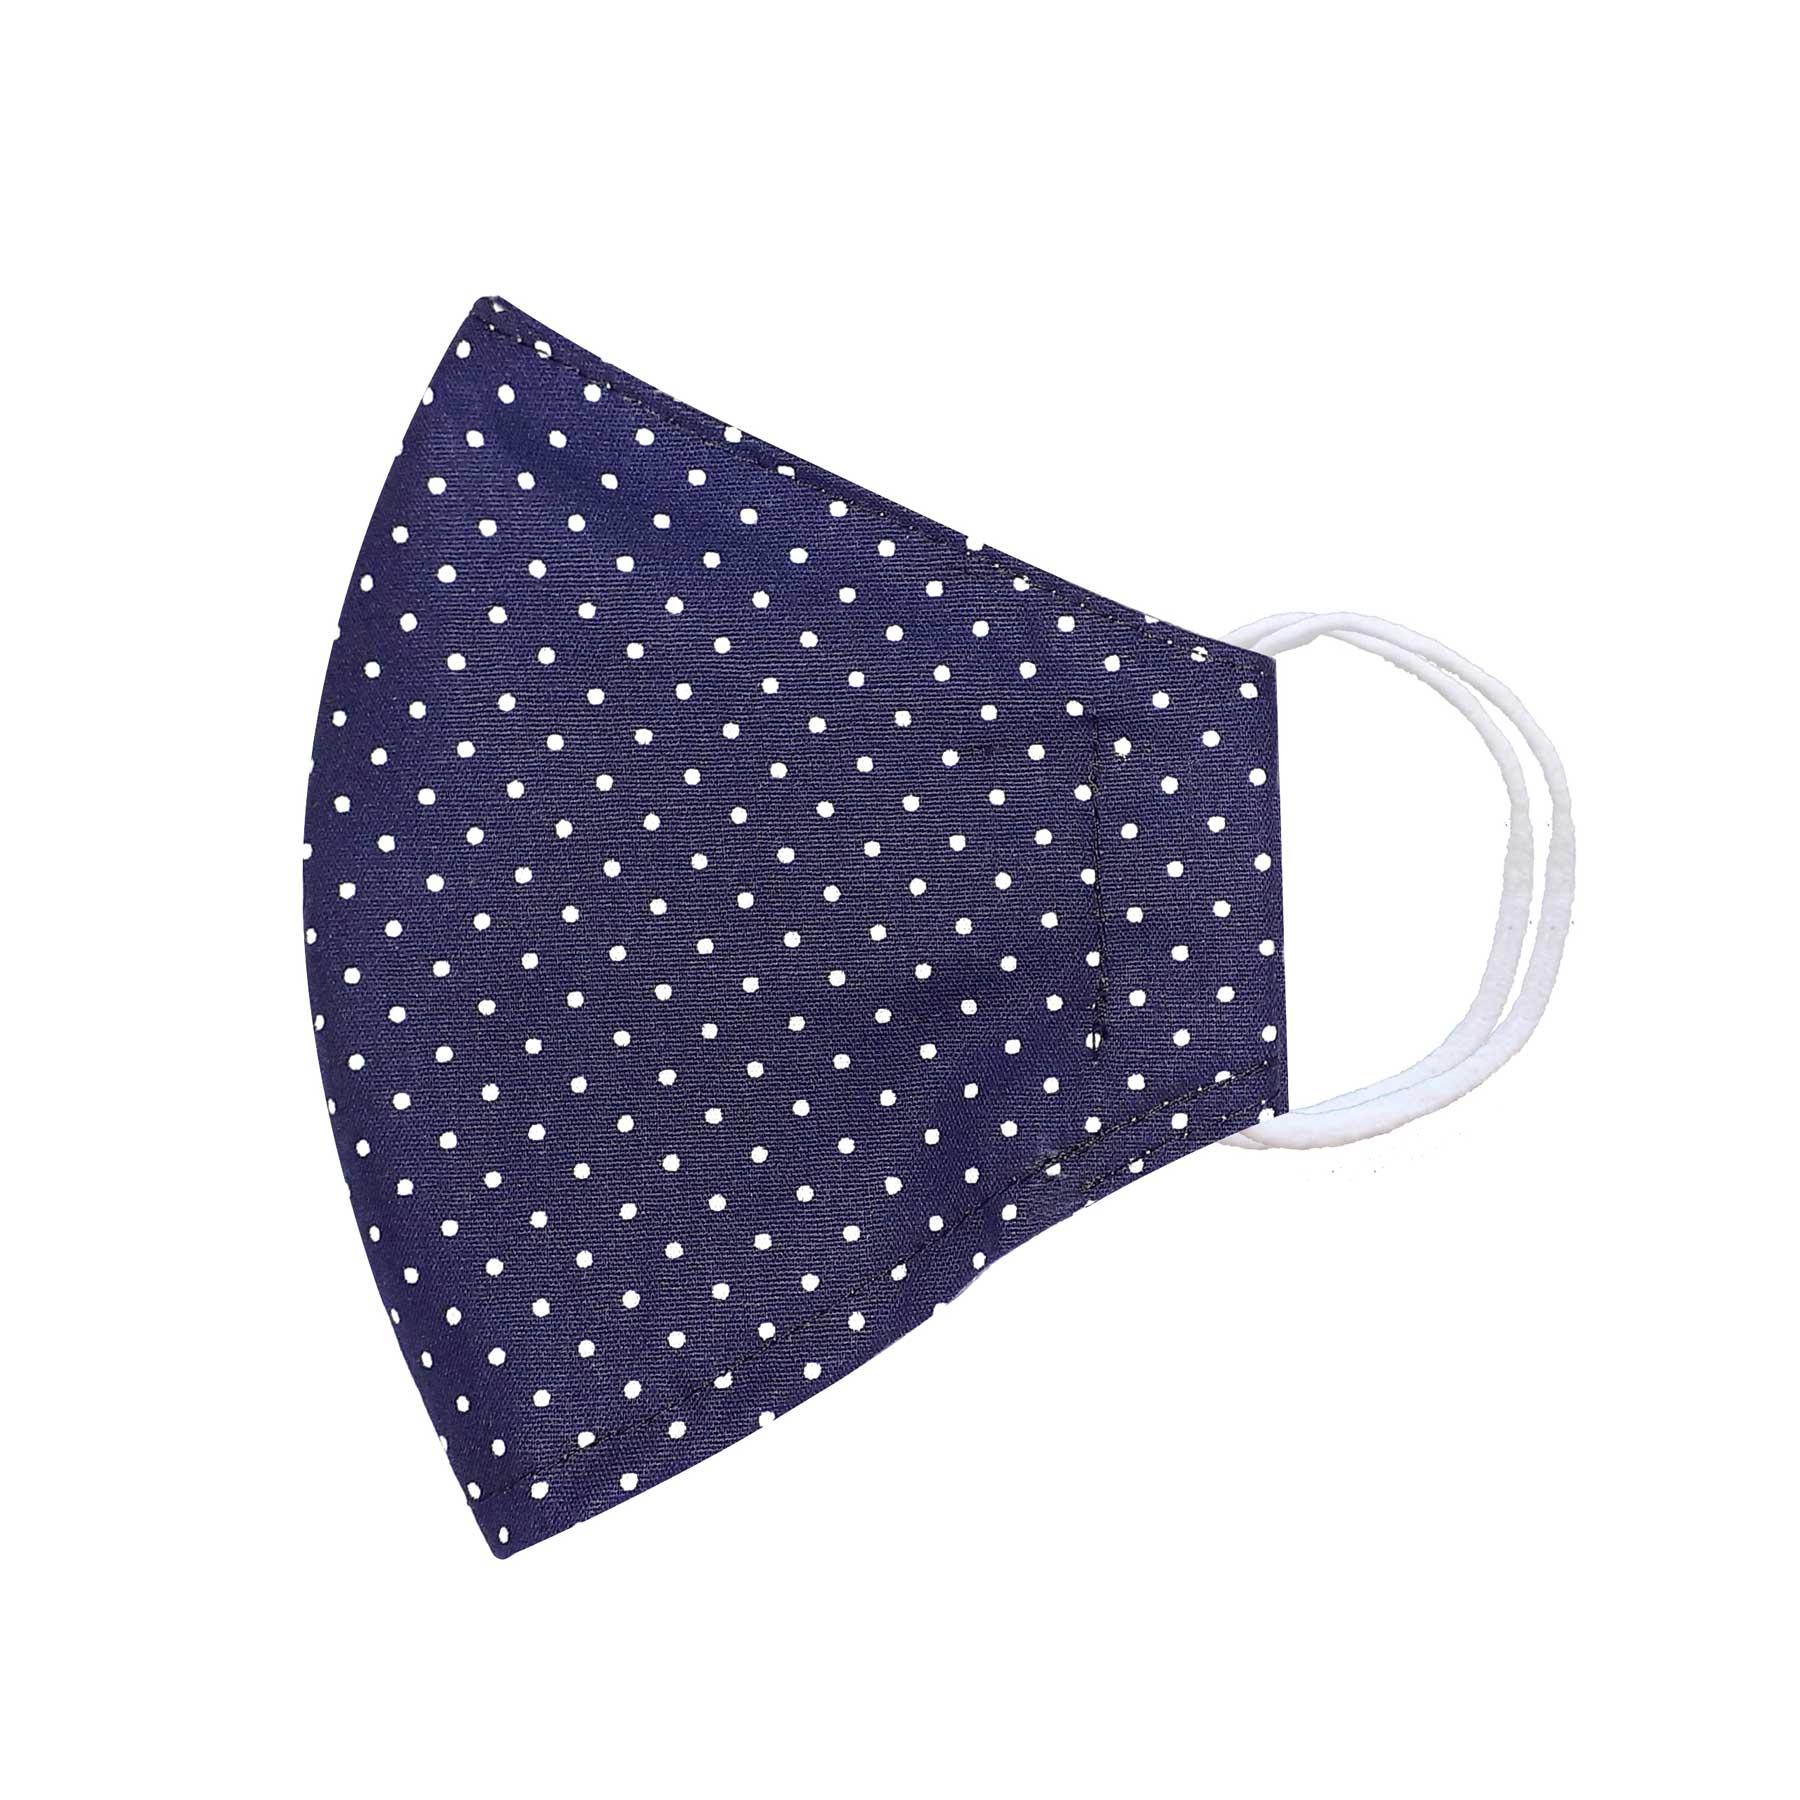 Módní bavlněné ústní roušky třívrstvé tvarované, tmavě modrá s bílými puntíky s gumičkami pánské